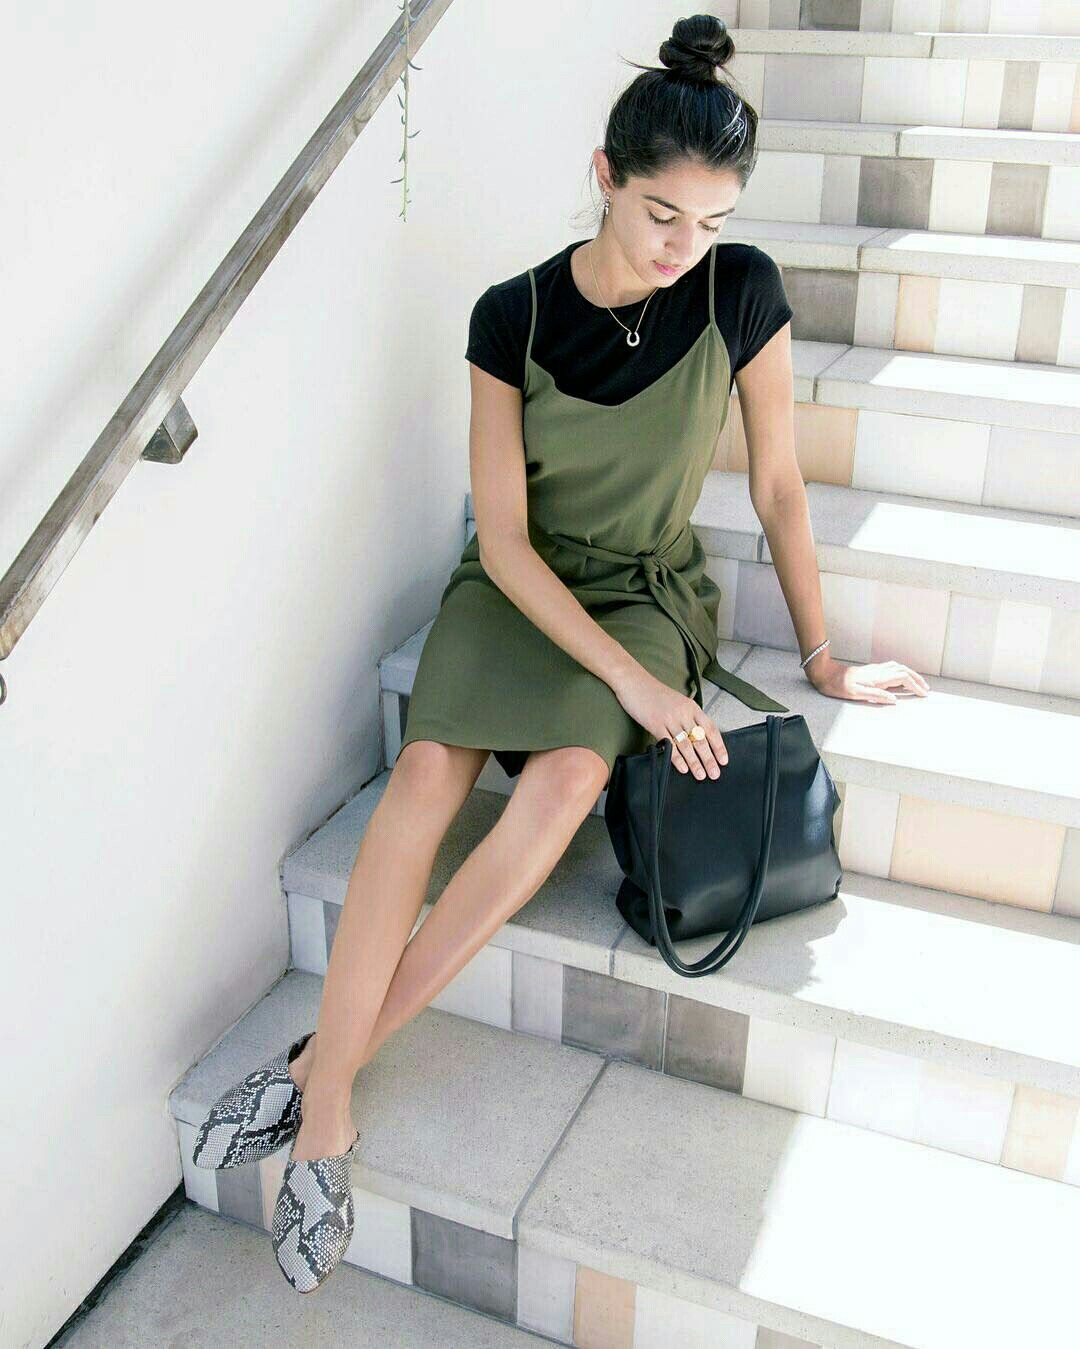 Whowhatwear Slip Dress Street Style Spring Summer Capsule Wardrobe Dress With Sneakers [ 1349 x 1080 Pixel ]